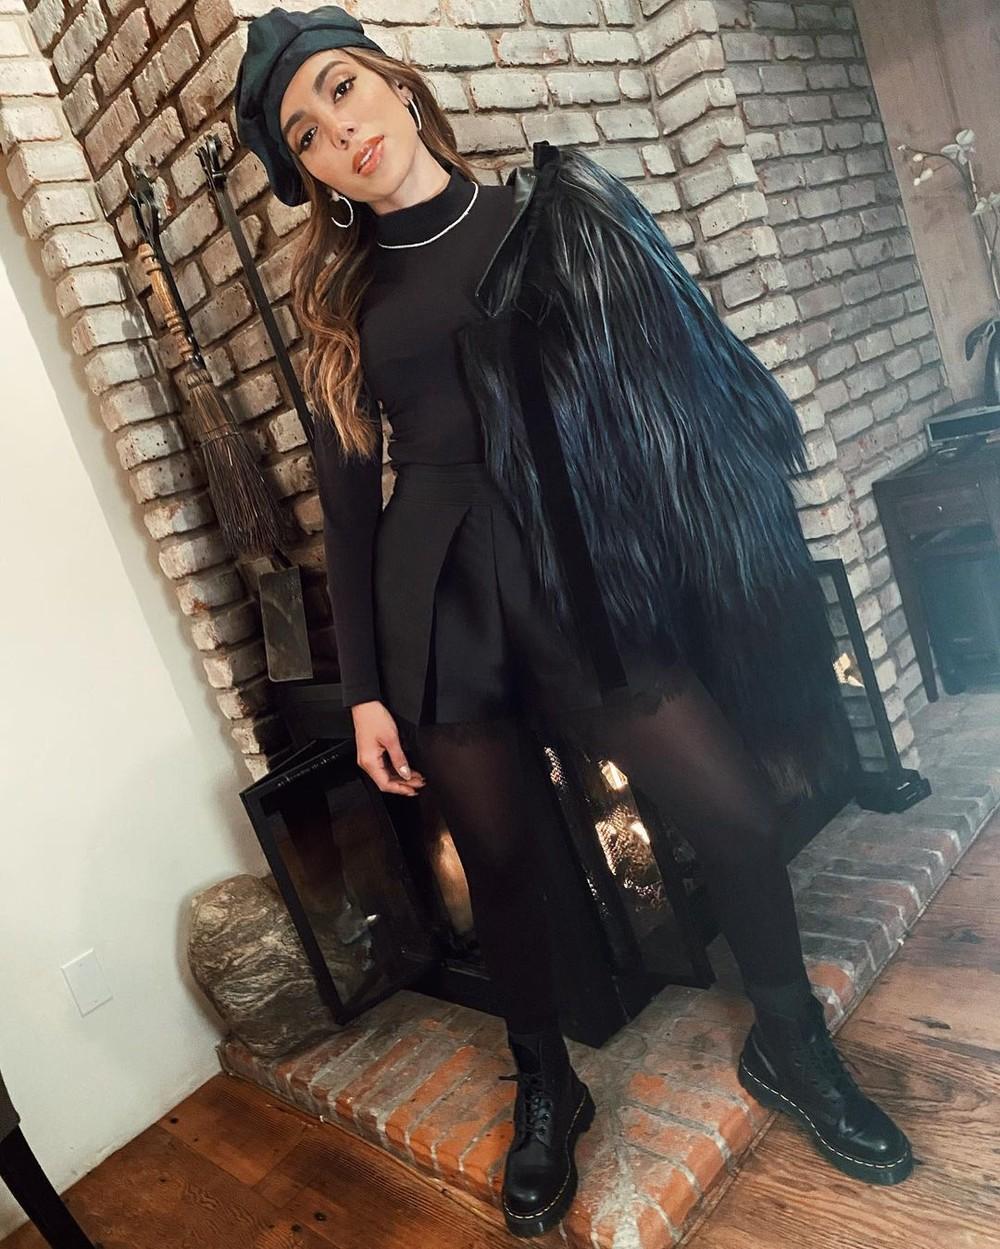 Anitta curte inverno nos EUA com looks estilosos na neve - Imagem 2